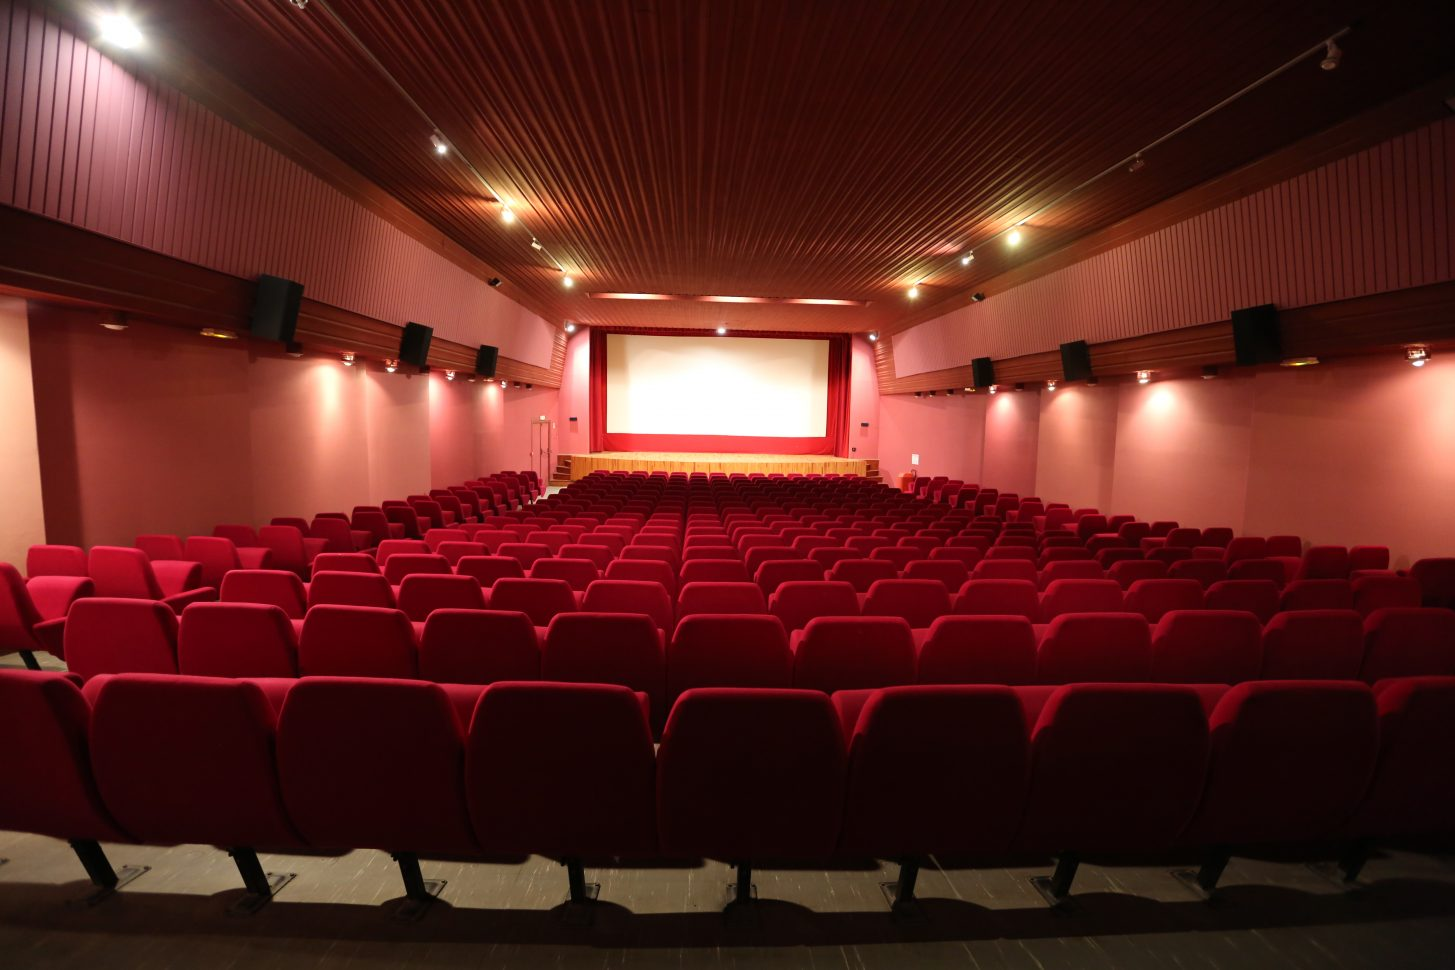 Salle de cinéma de valloire